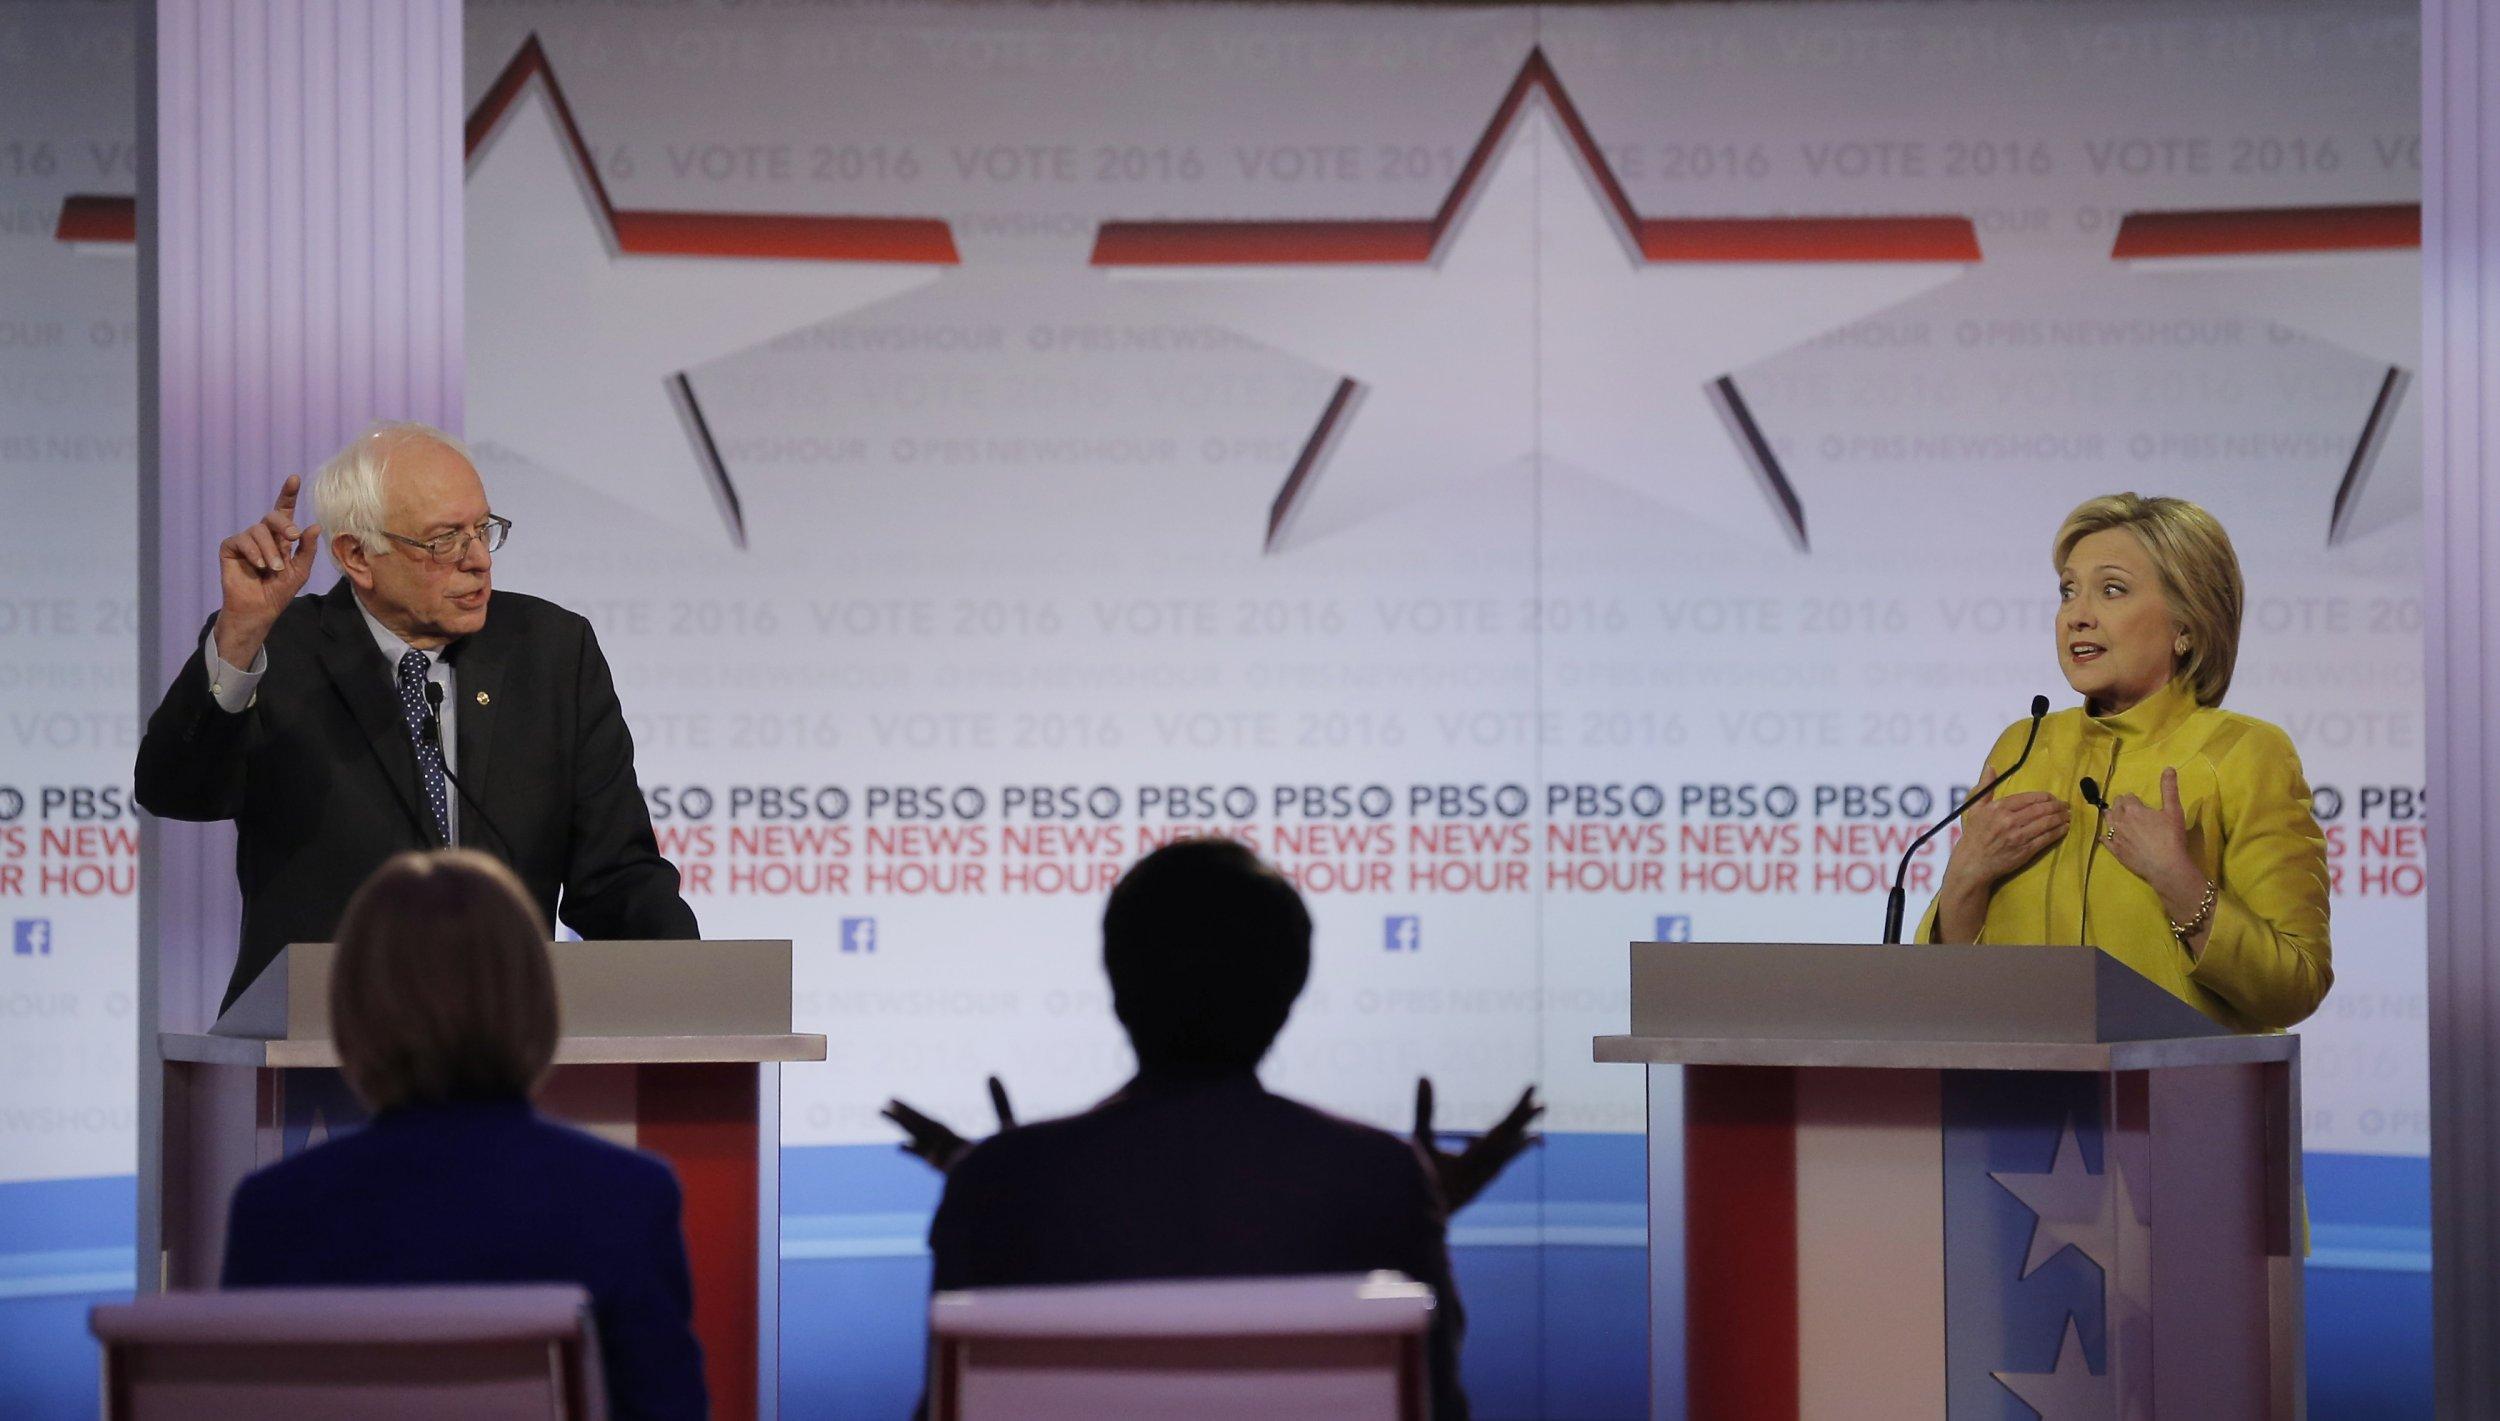 02_12_Debate_Verdict